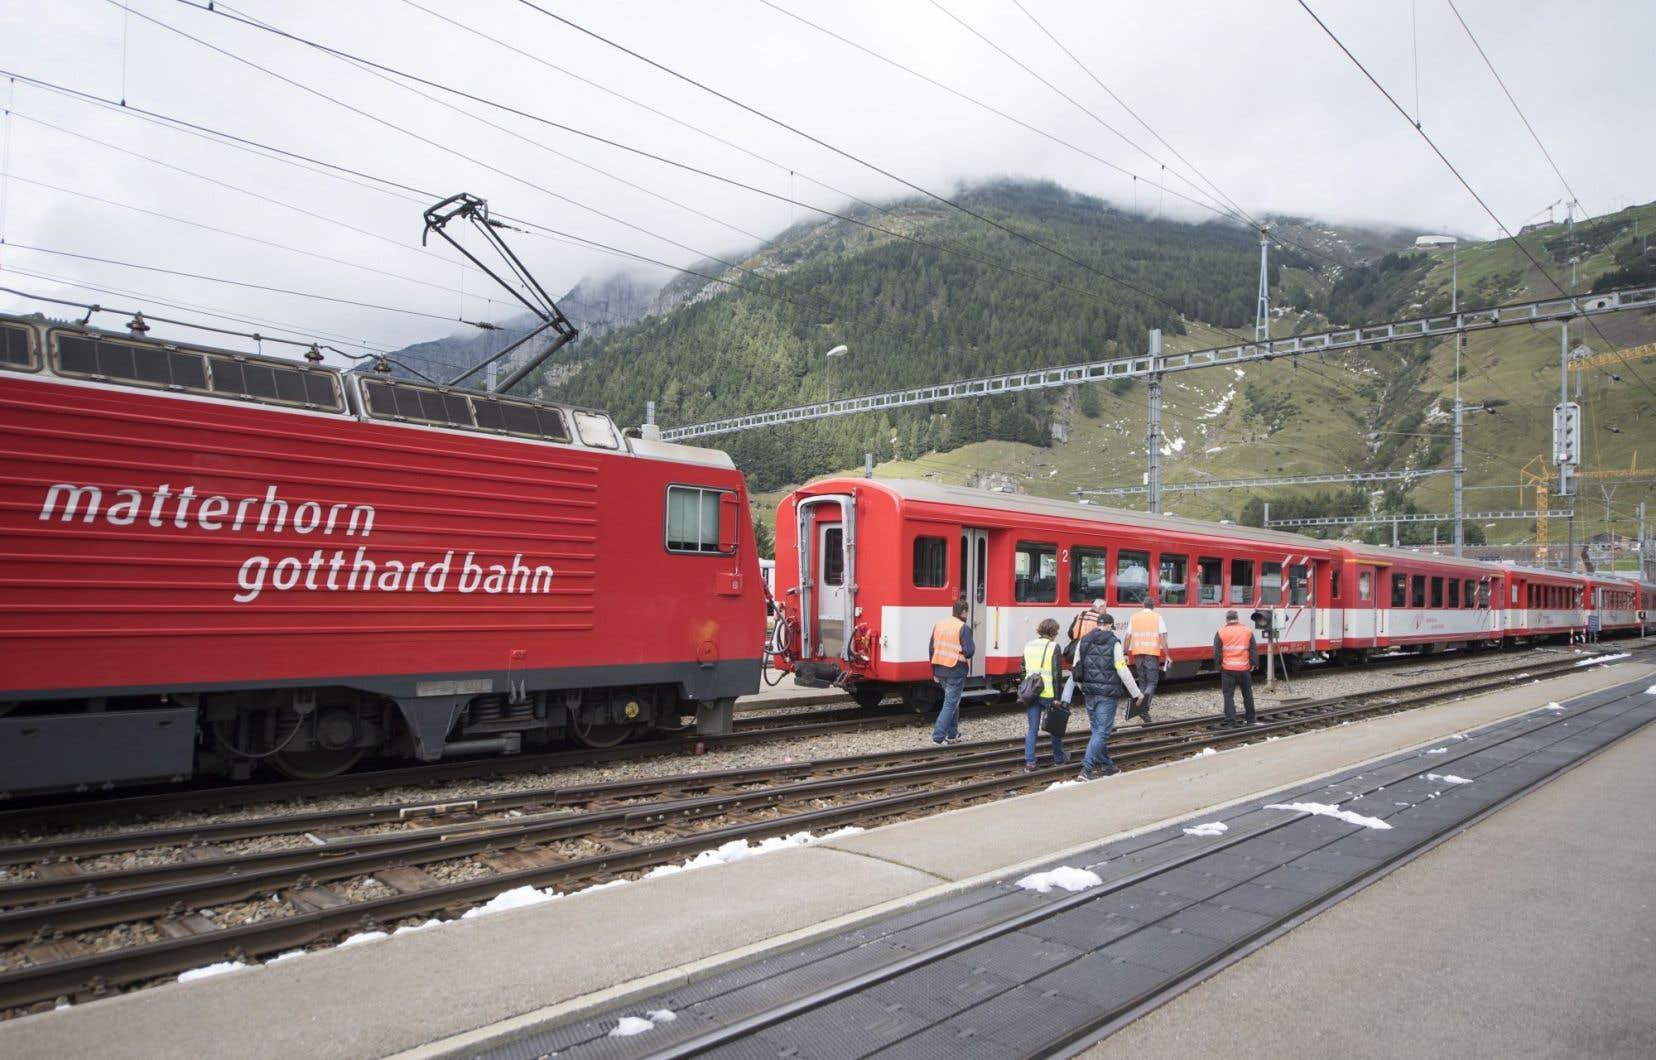 <p>L'accident est survenu peu avant midi lors d'une manoeuvre d'un convoi de la compagnie régionale Matterhorn-Gotthard-Bahn, composé d'une locomotive et de cinq wagons, et transportant une centaine de voyageurs.</p>